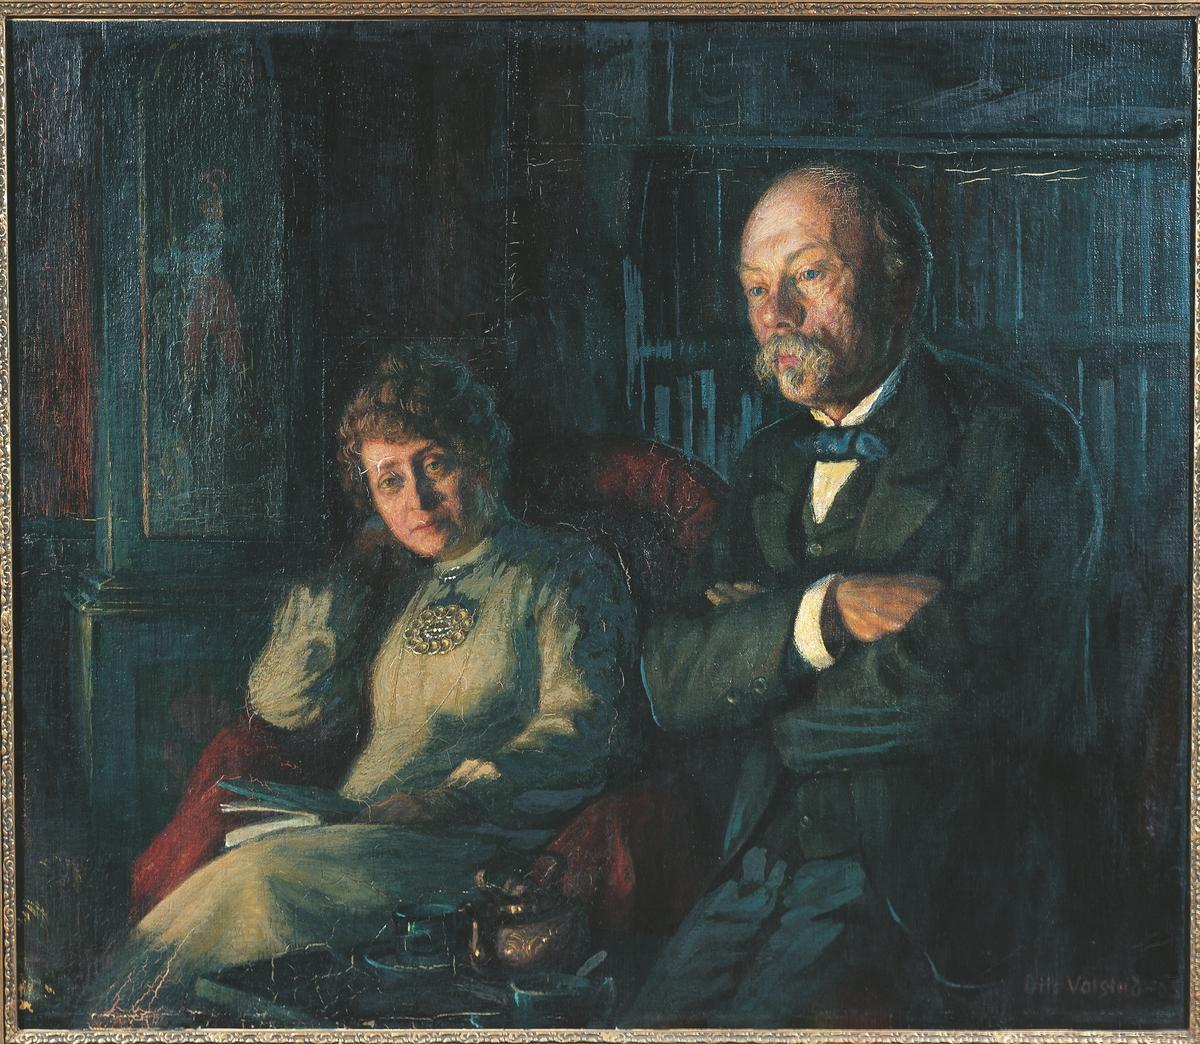 Hulda og Arne Garborg. Hun sittende i lenestol, han halvt sittende med armene over kors. Klokke og bøker i bakgrunnen, mørkblå tone, clairobscure.